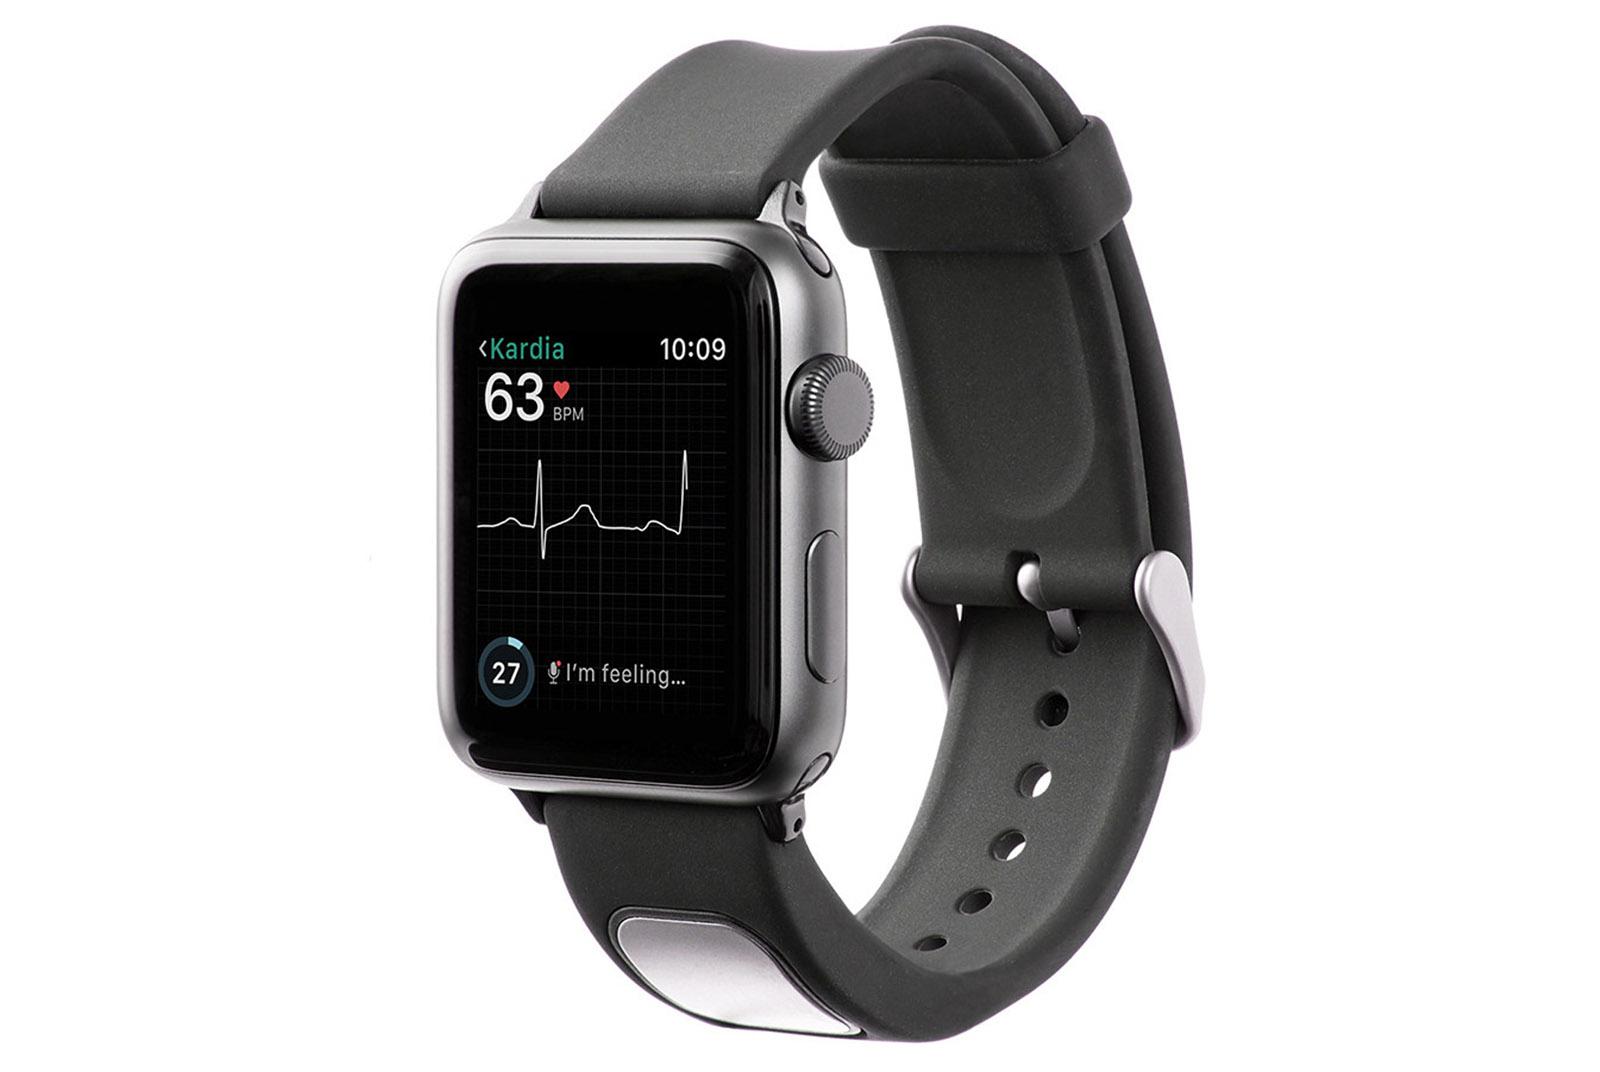 32e5afaa4f Apple Watchで心電図をとれるKardiaBand発表。心房細動など検出可能、FDA認証済みで199ドル - Engadget 日本版